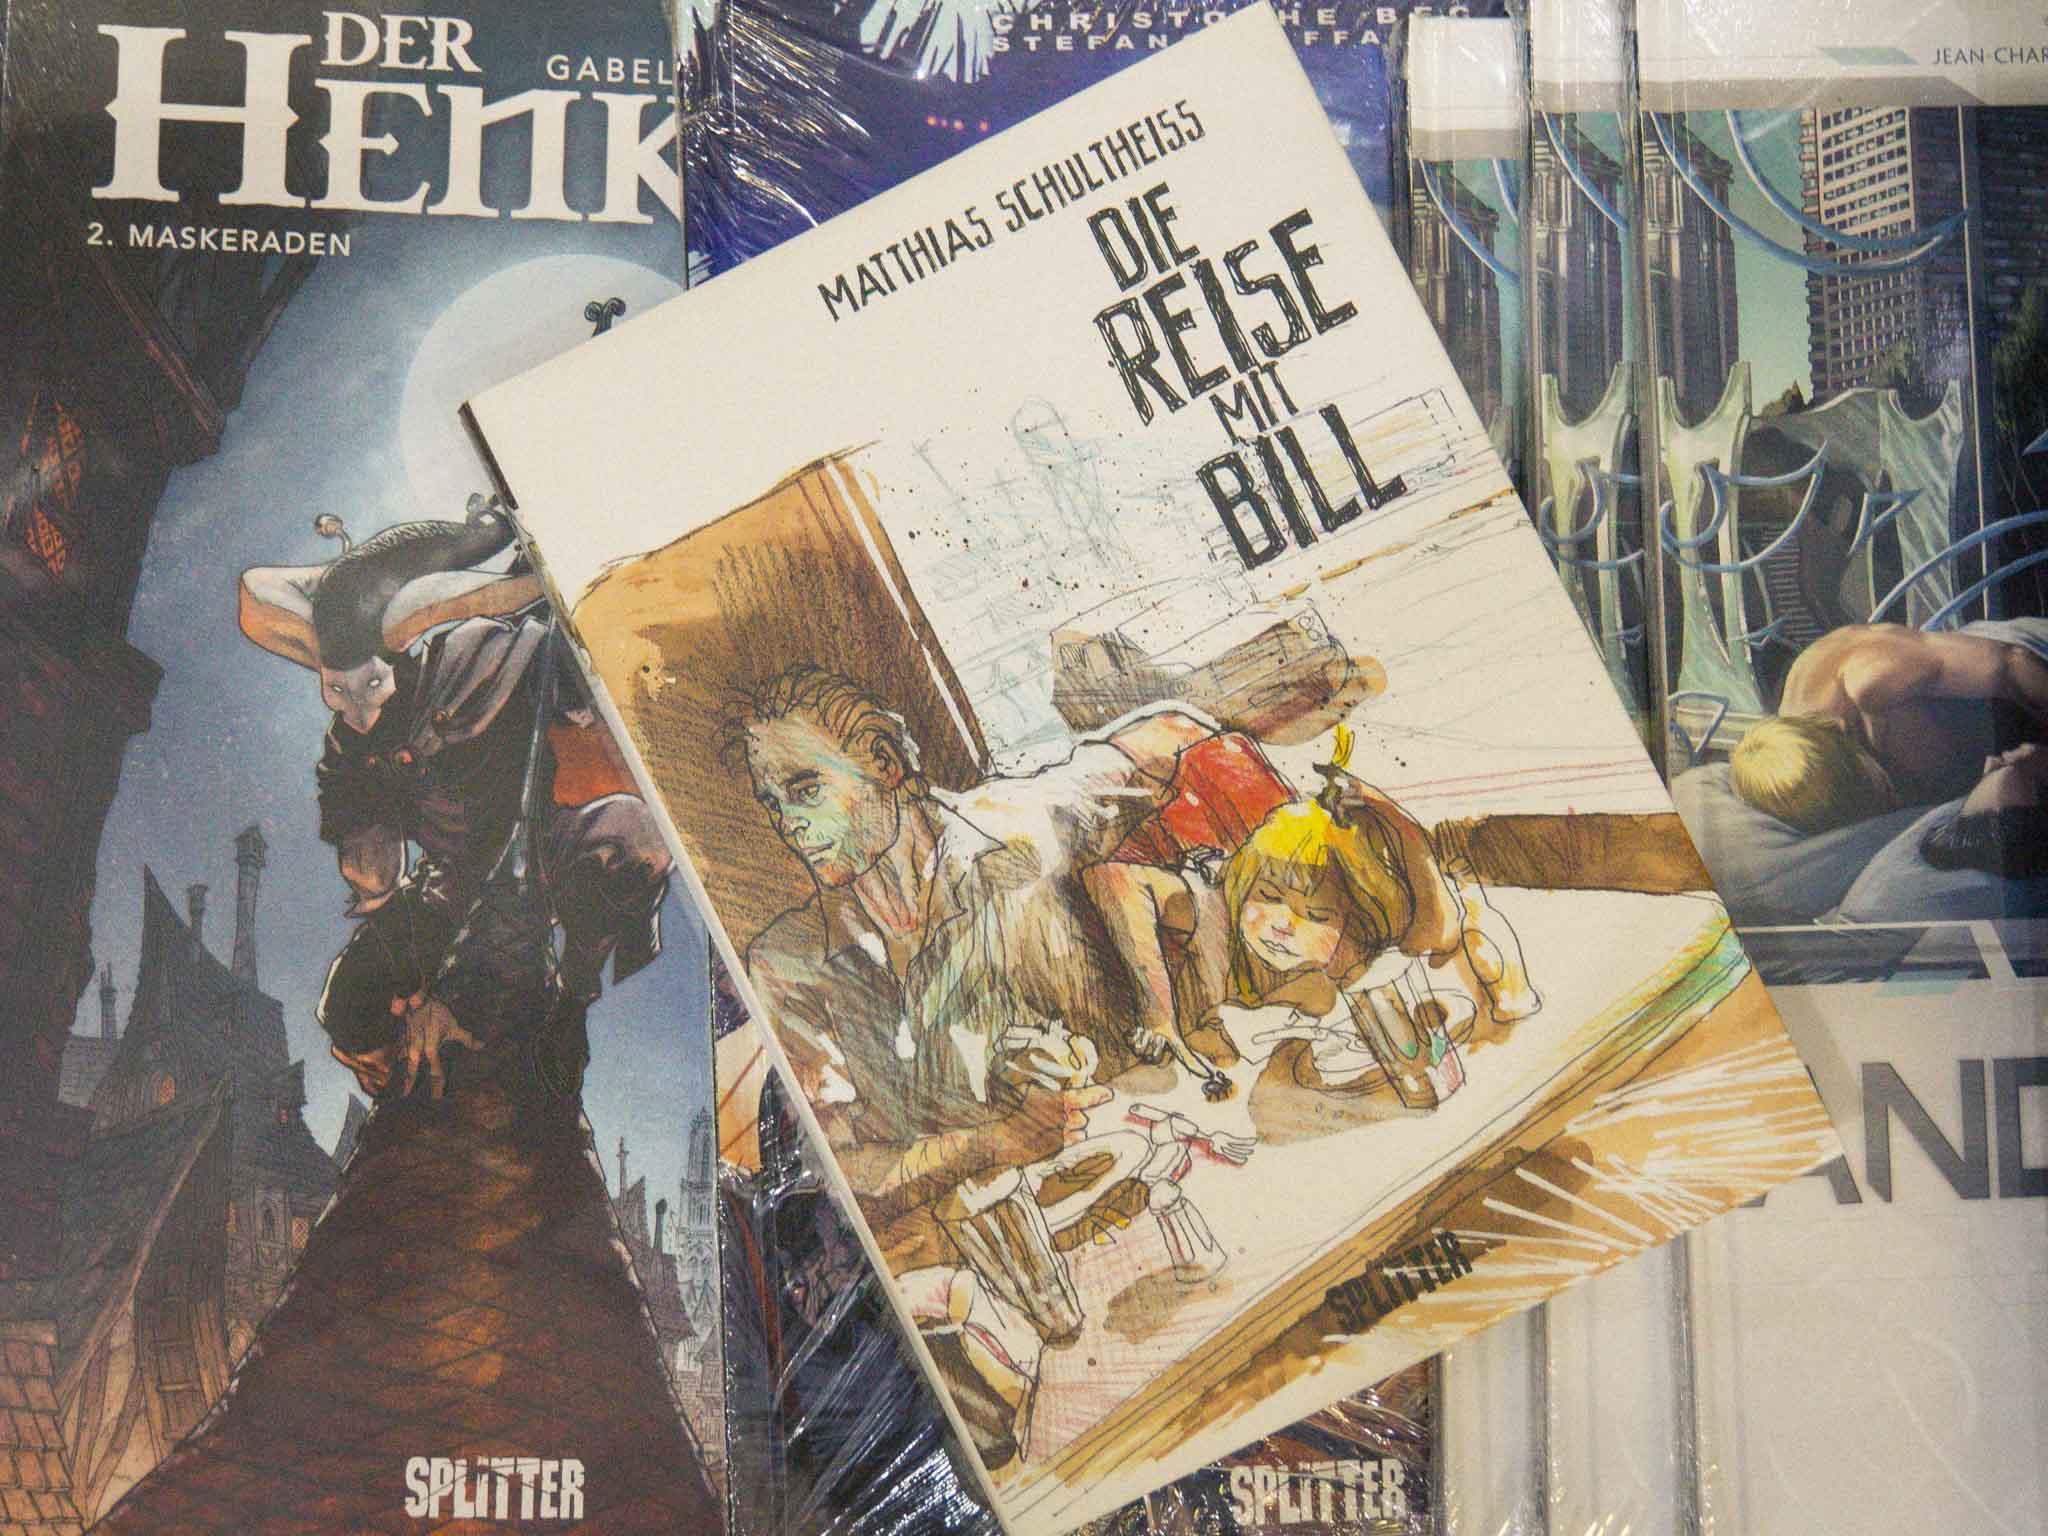 """Gerds Empfehlung """"Die Reise mit Bill"""". Foto: Dominik Ziegler"""